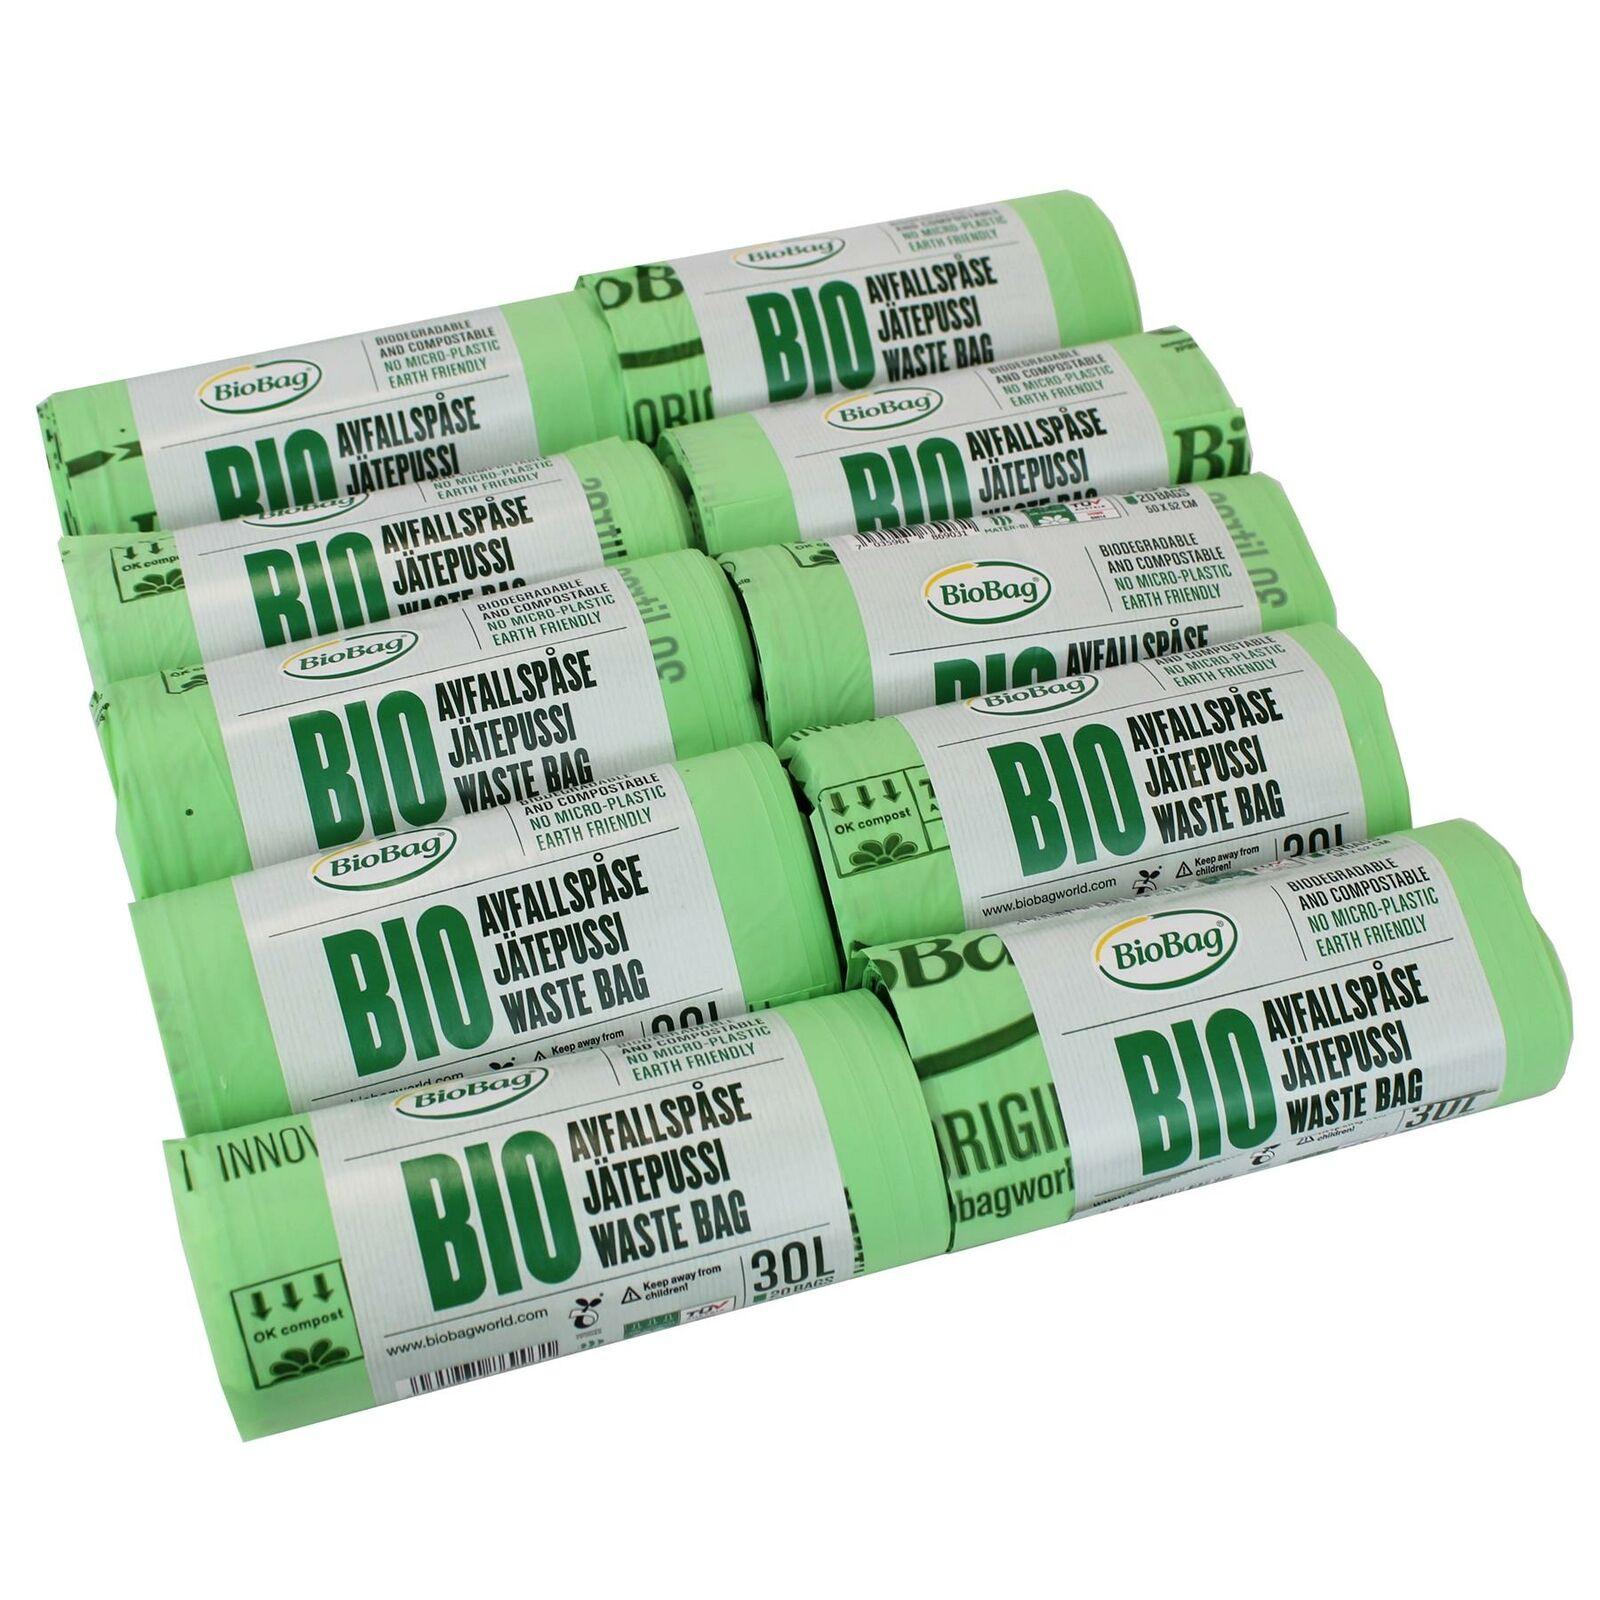 200 x 30L Biobag Compostable Bags for Indoor Bins or Kerbside Food Waste Bins